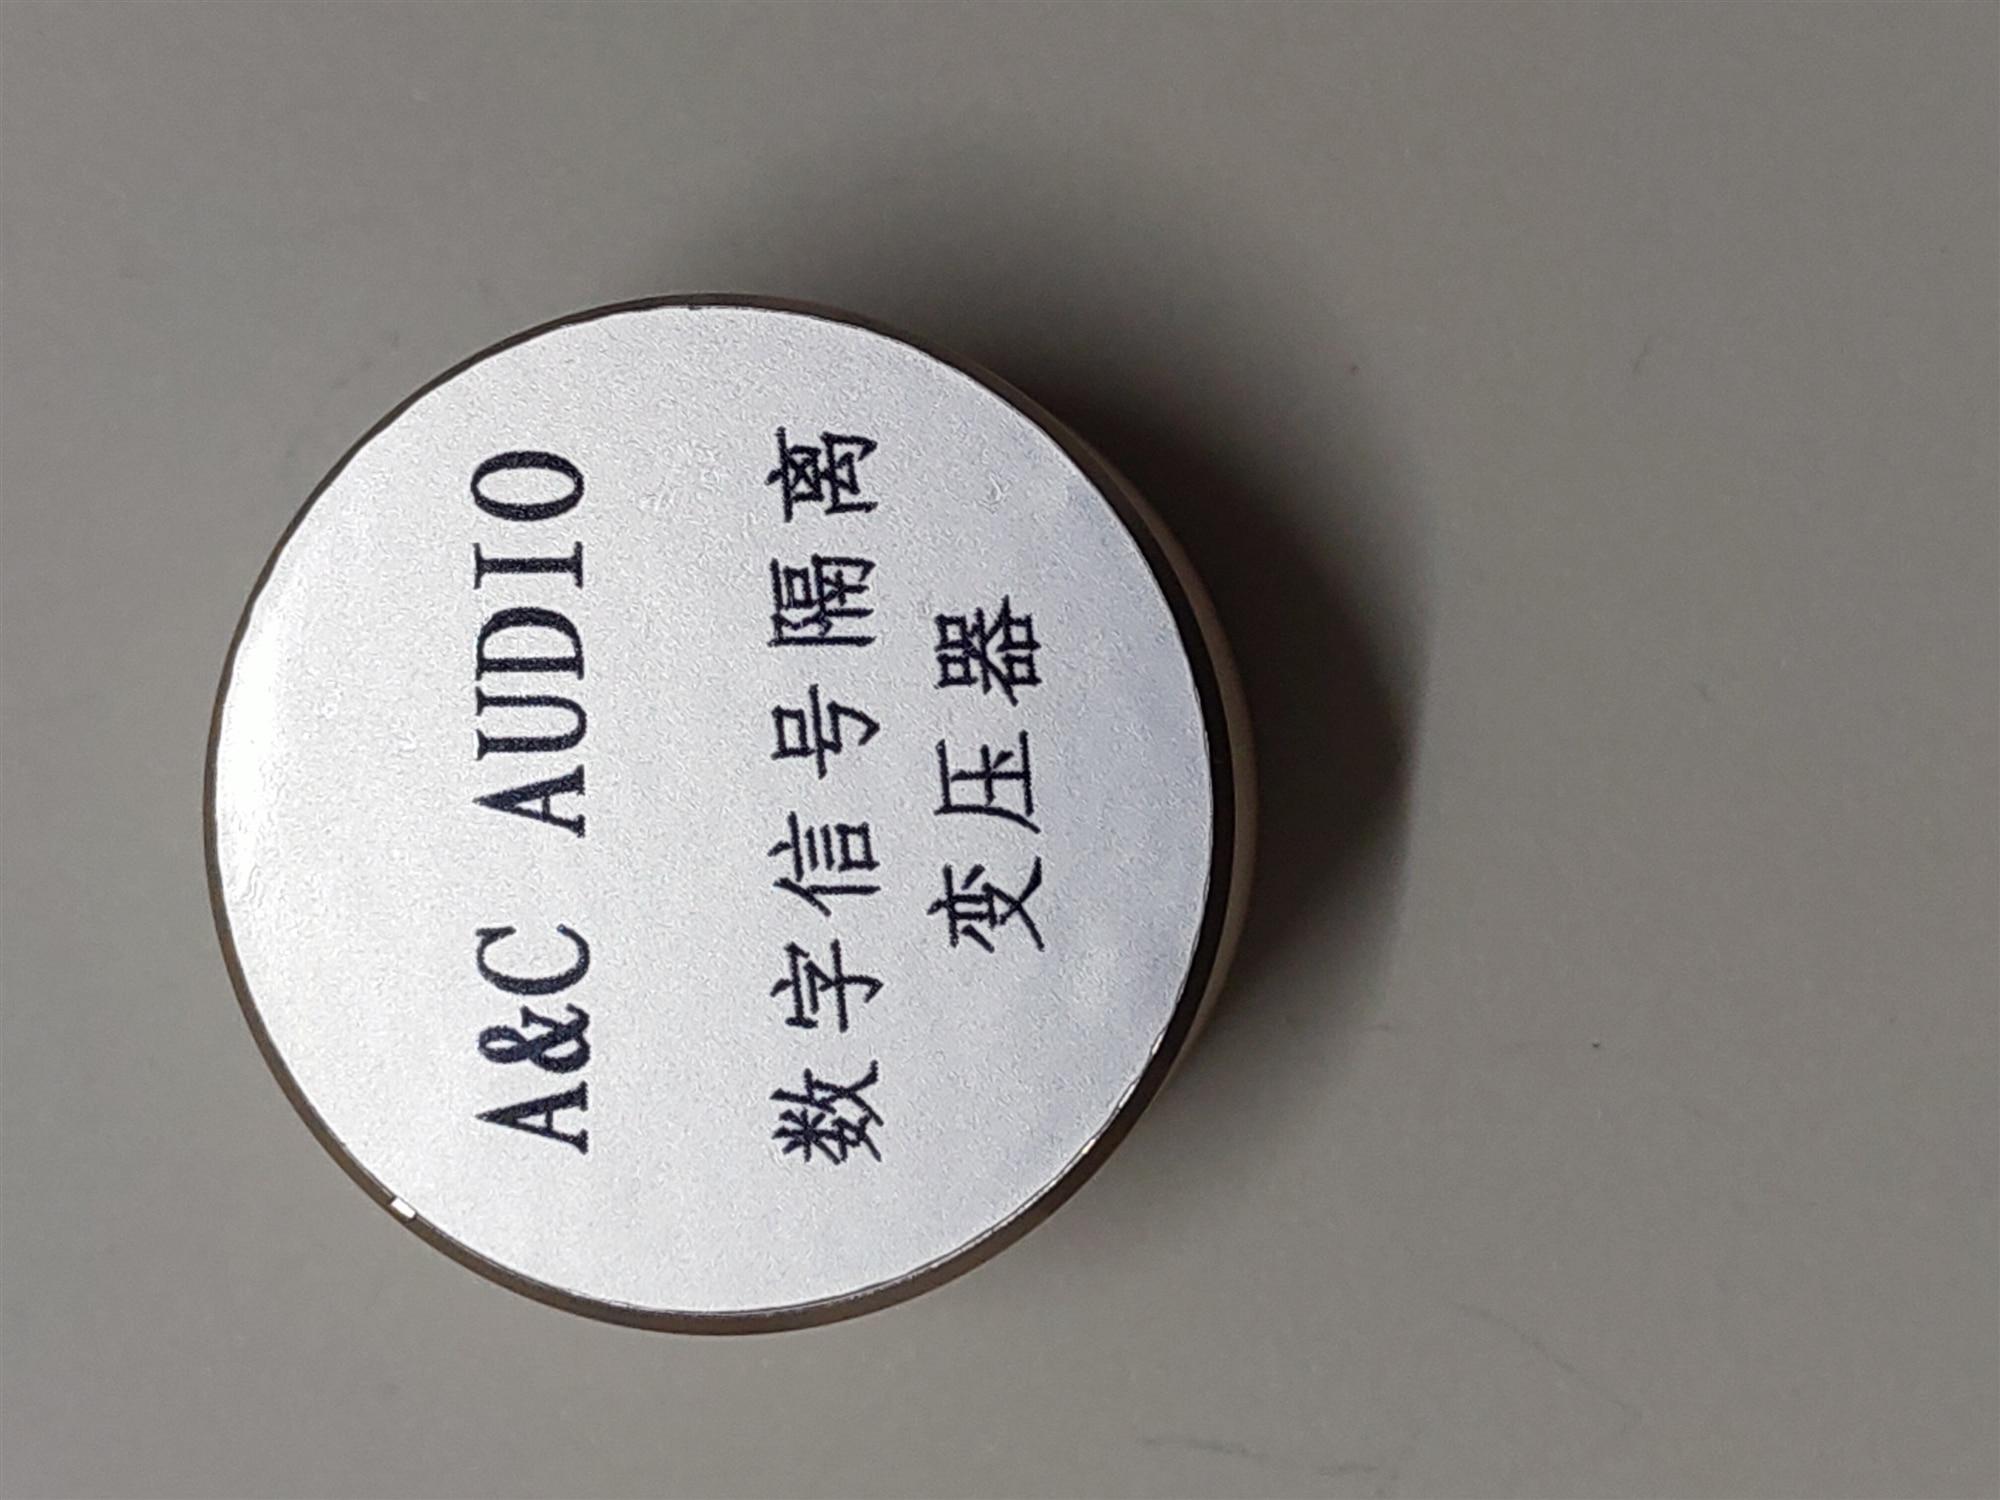 AC الرقمية العزلة محول ترقية DA101 LL1572/3 SC947-02LF الرقمية العزلة البقر